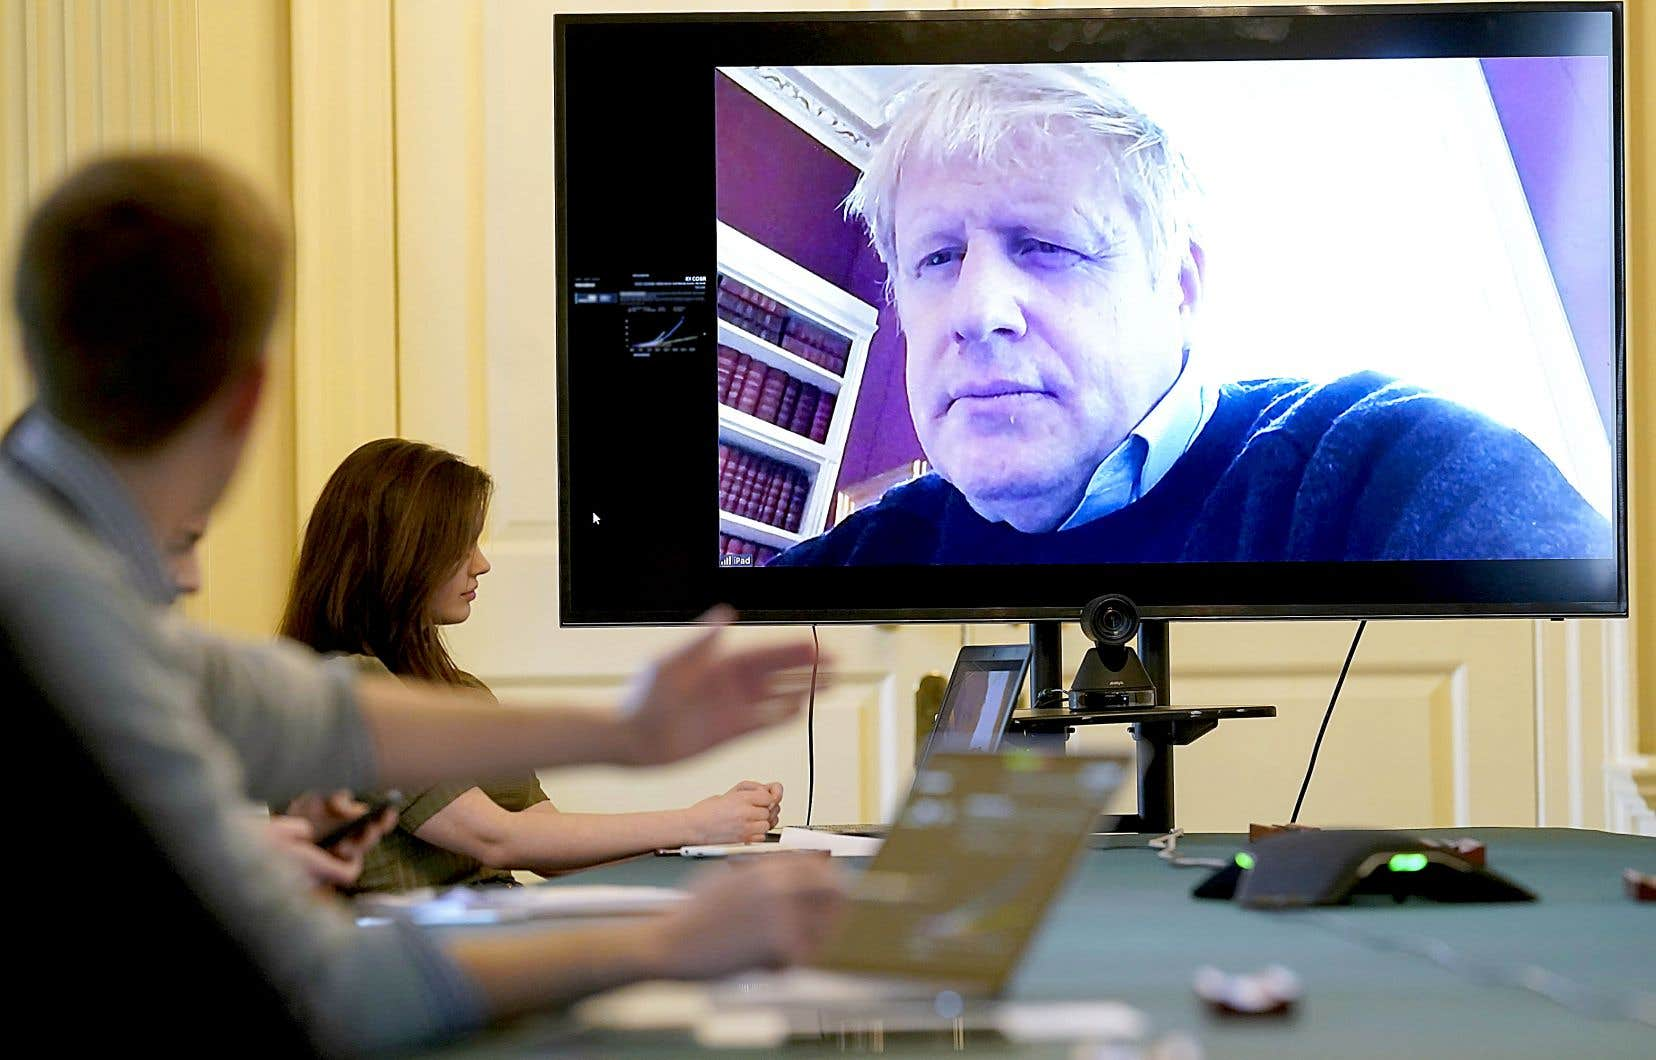 Le premier ministre britannique, Boris Johnson, lors d'une réunion en visioconférence, le 28 mars à Londres